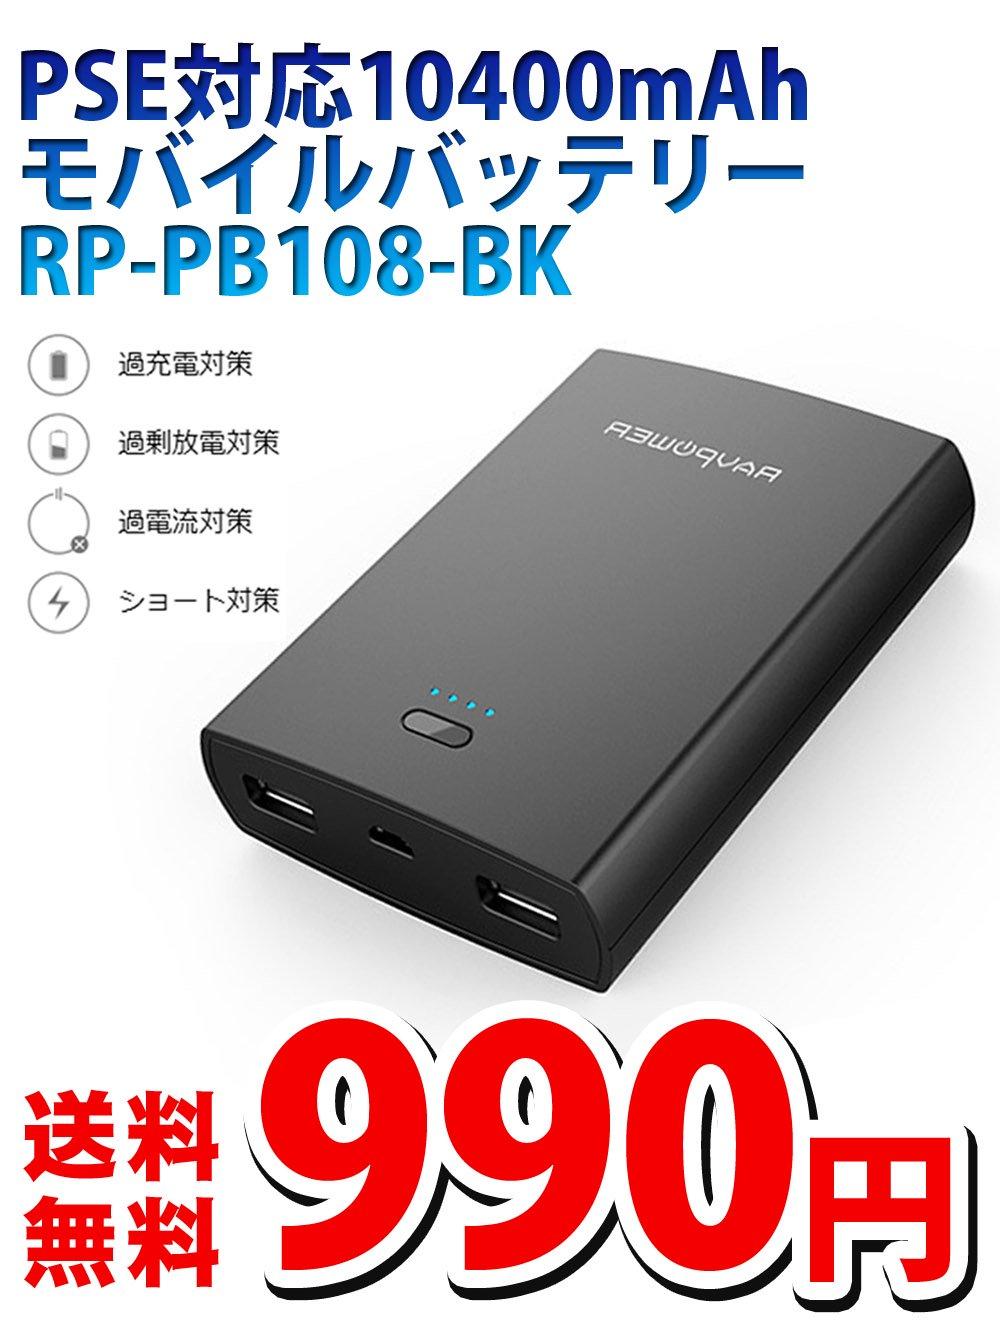 【送料無料】PSE対応■モバイルバッテリー10400mAh■RP-PB108【990円】定価4,378円